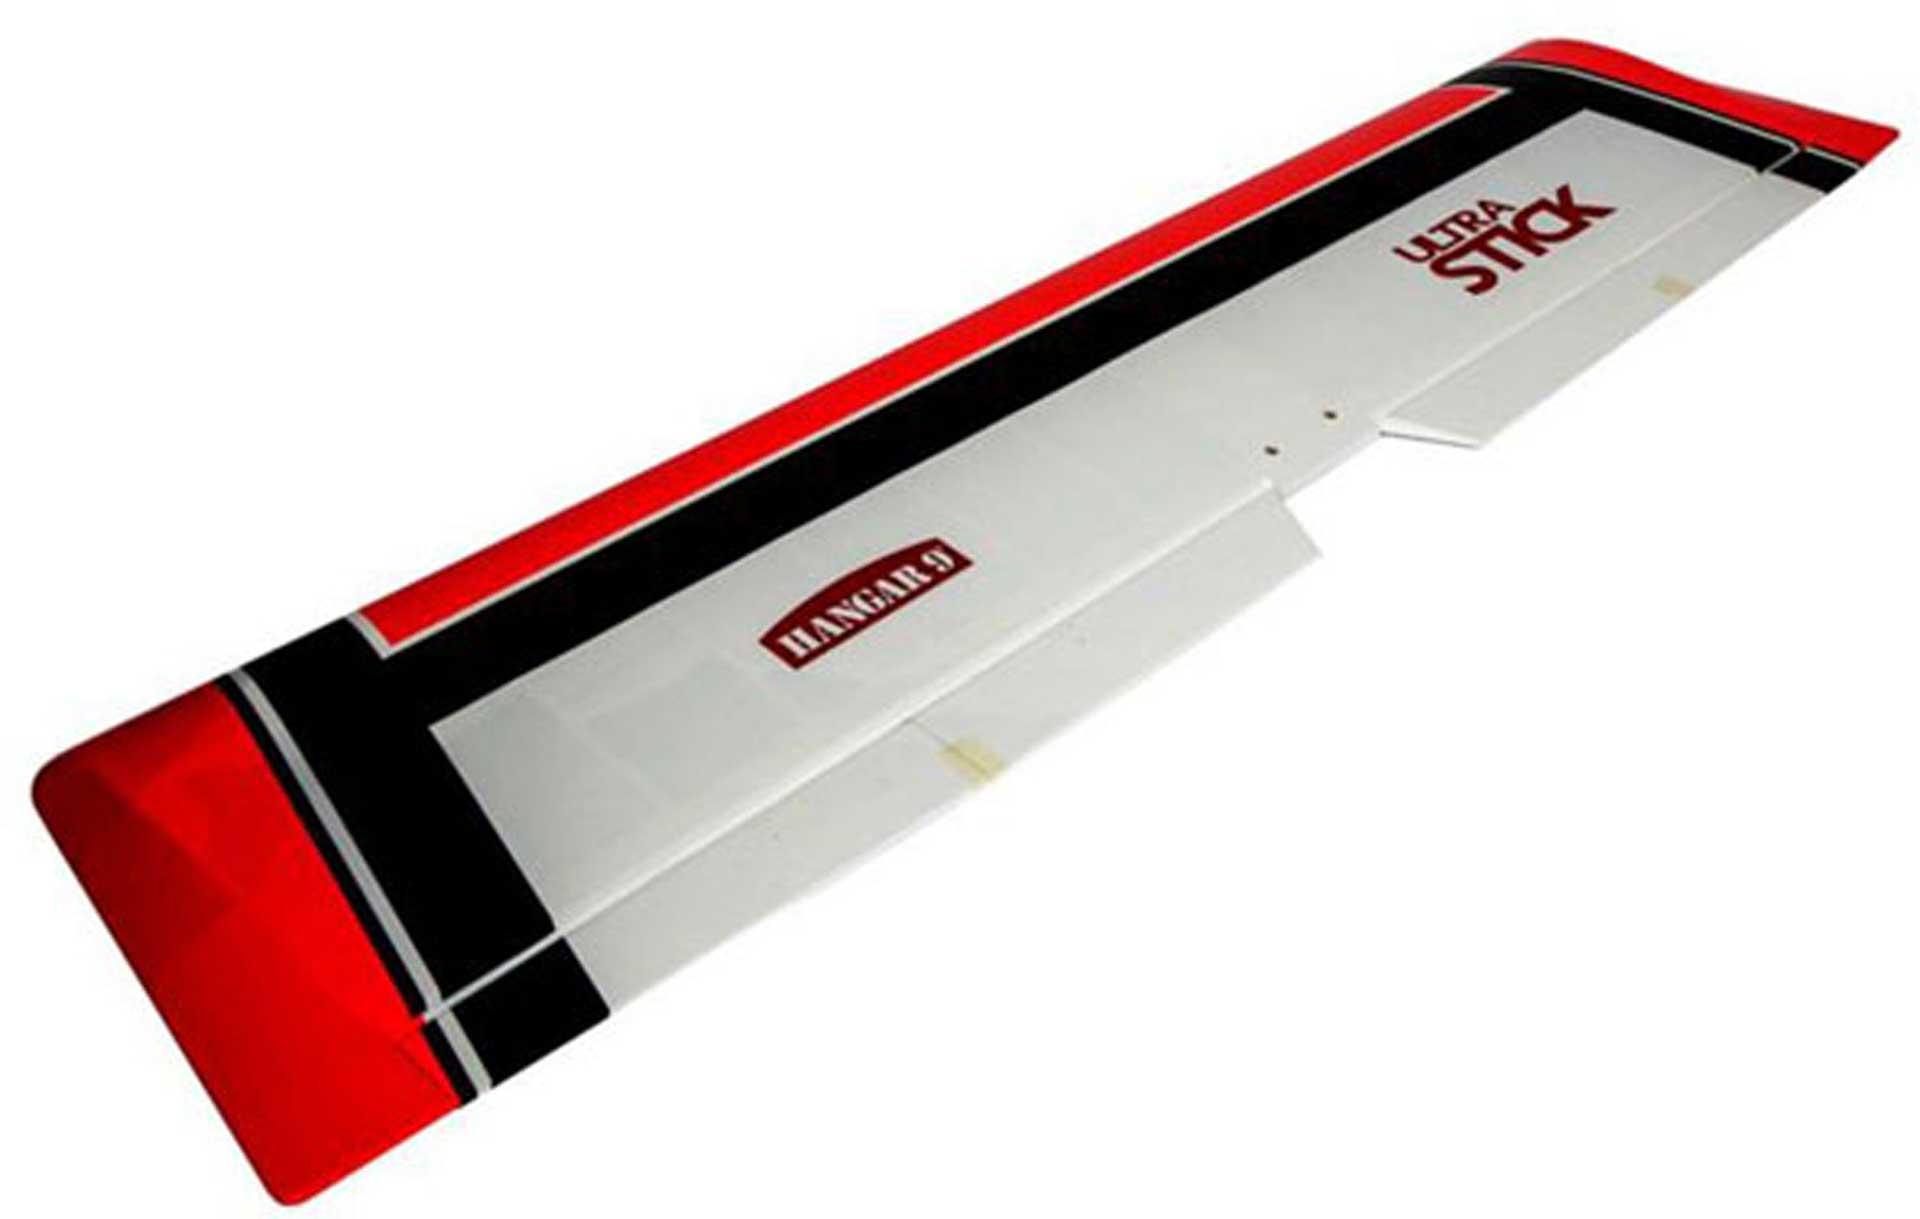 HANGAR 9 Tragfläche mit Querruder und Landeklappen: Ultra Stick 10cc